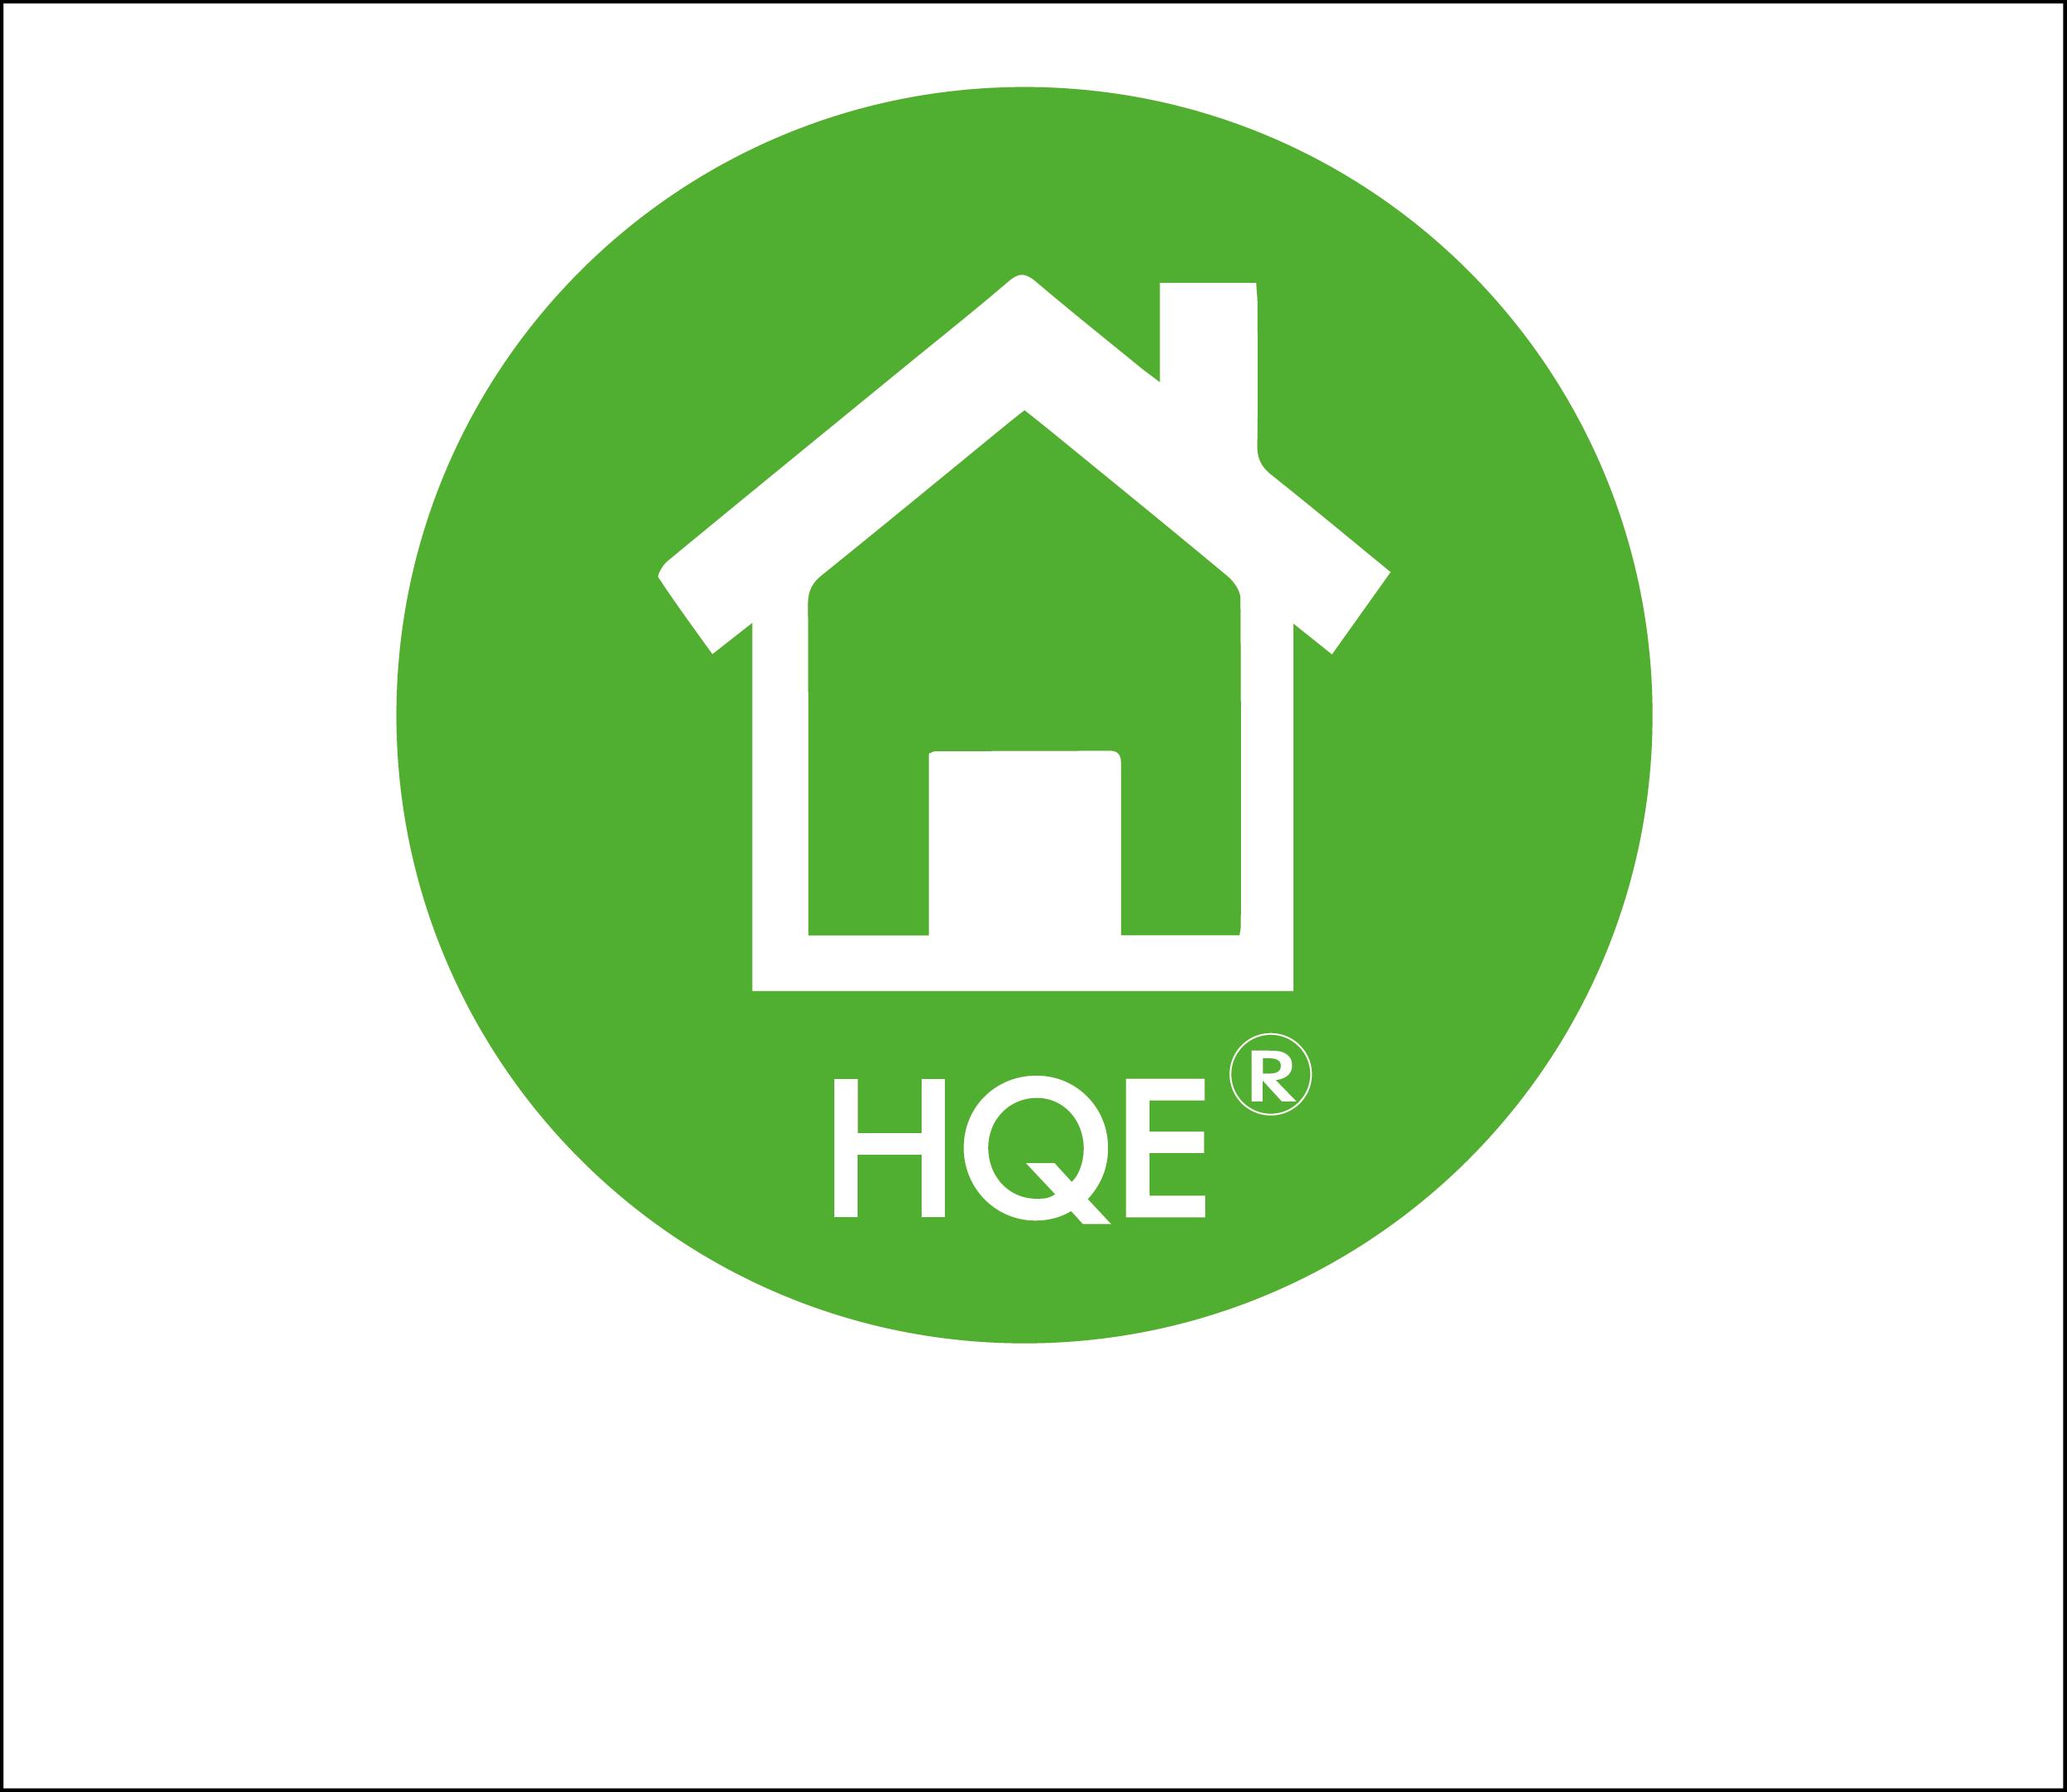 Cottages Haute Qualité Environnementale